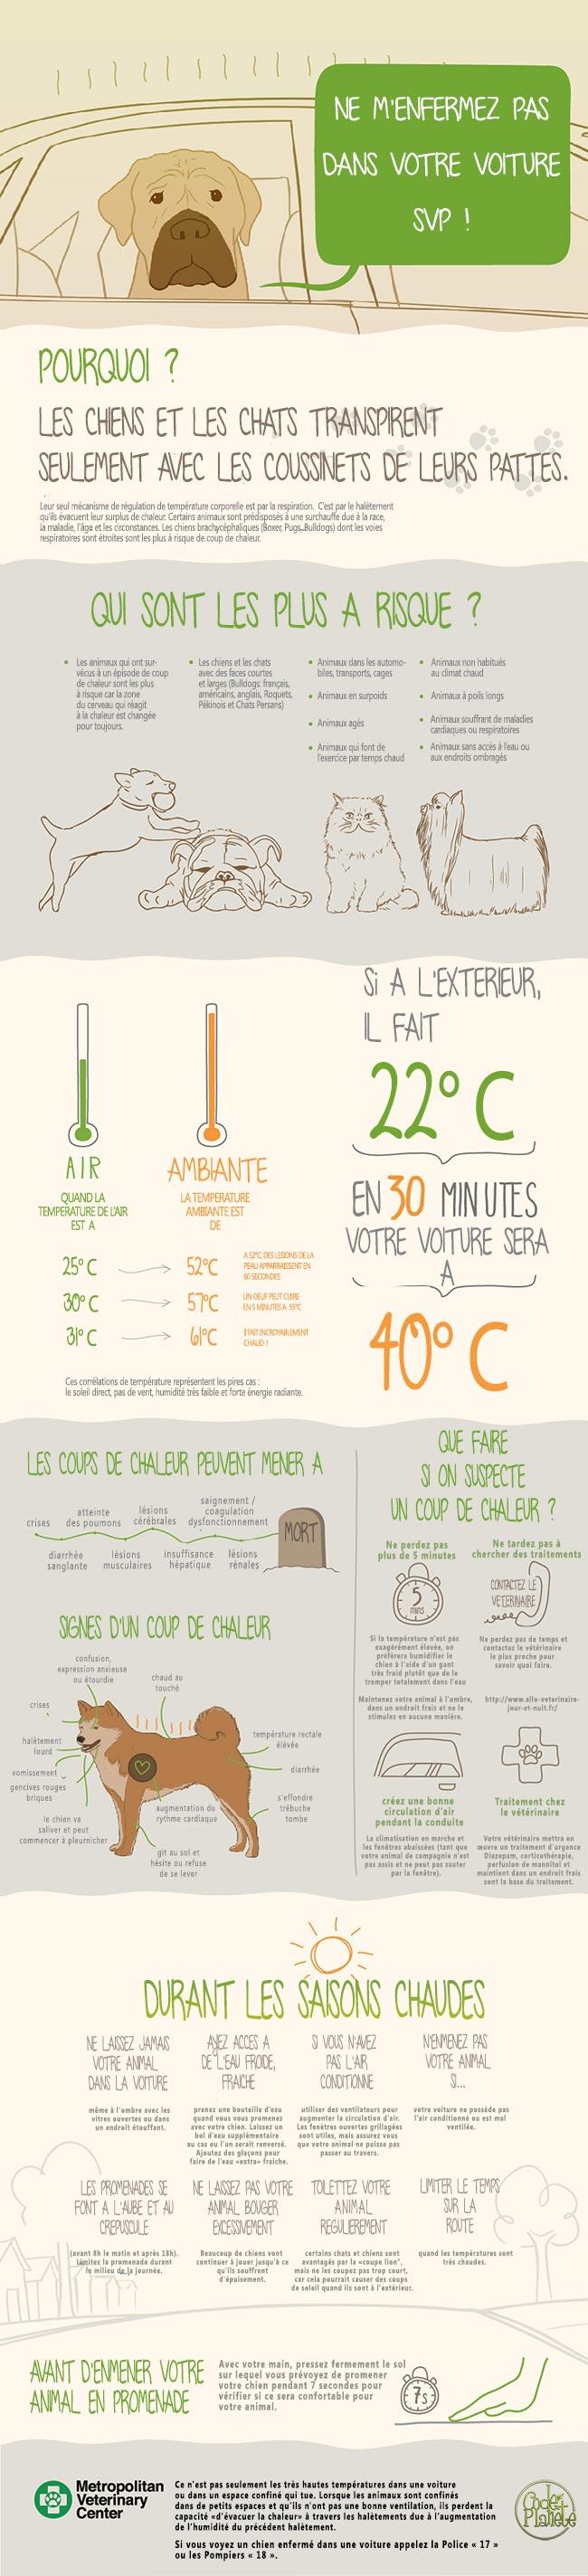 coup de chaleur chien et chat infographie